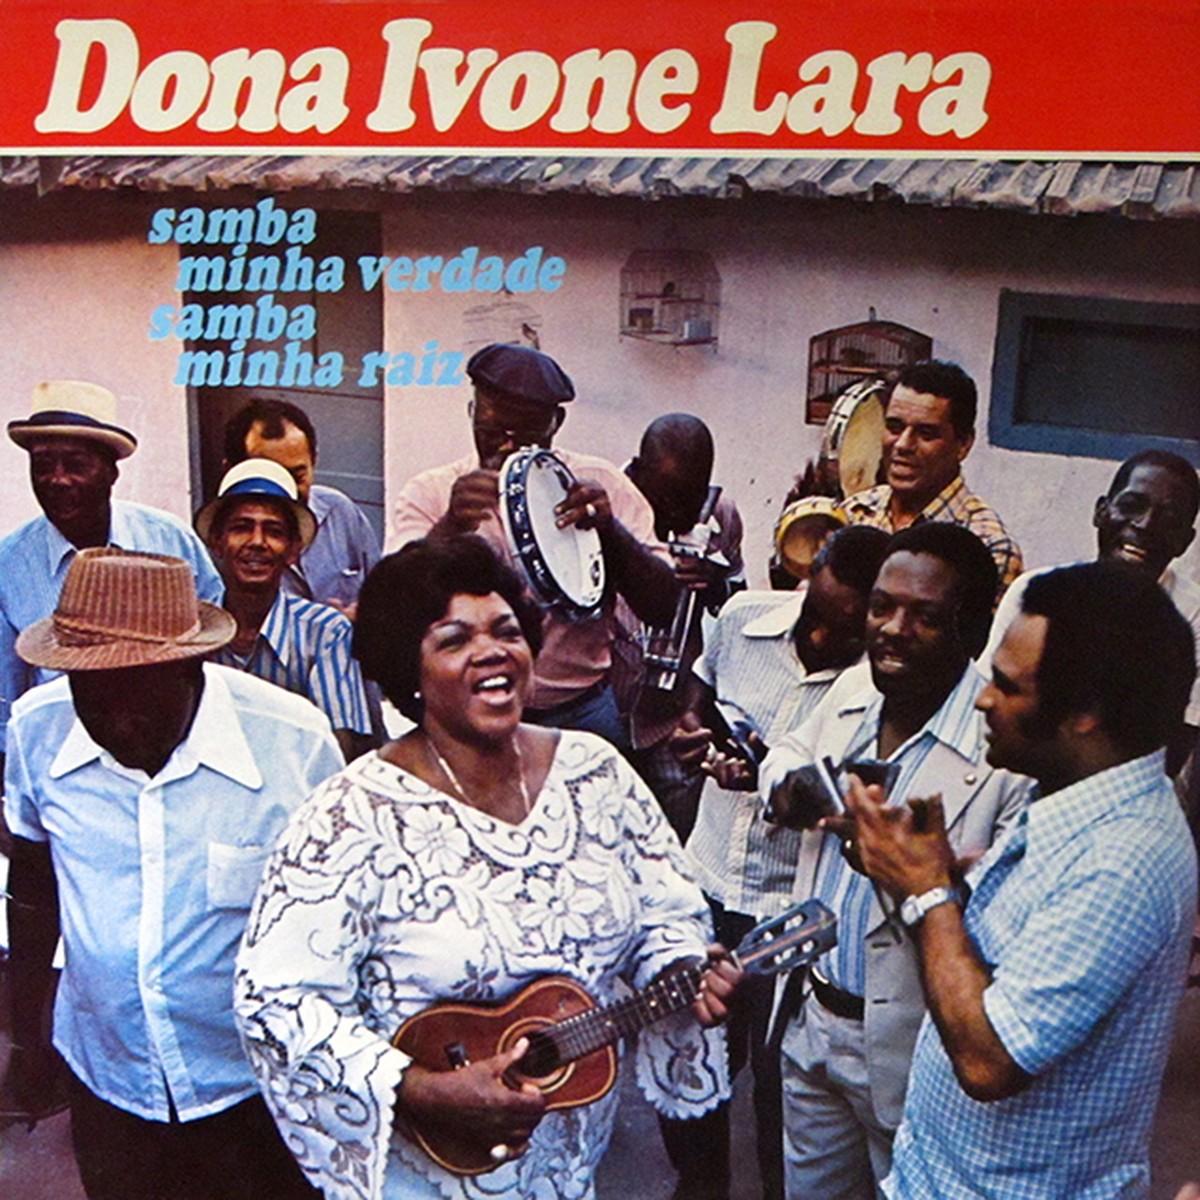 Discos para descobrir em casa – 'Samba minha verdade, samba minha raiz', Dona Ivone Lara, 1978 | Blog do Mauro Ferreira